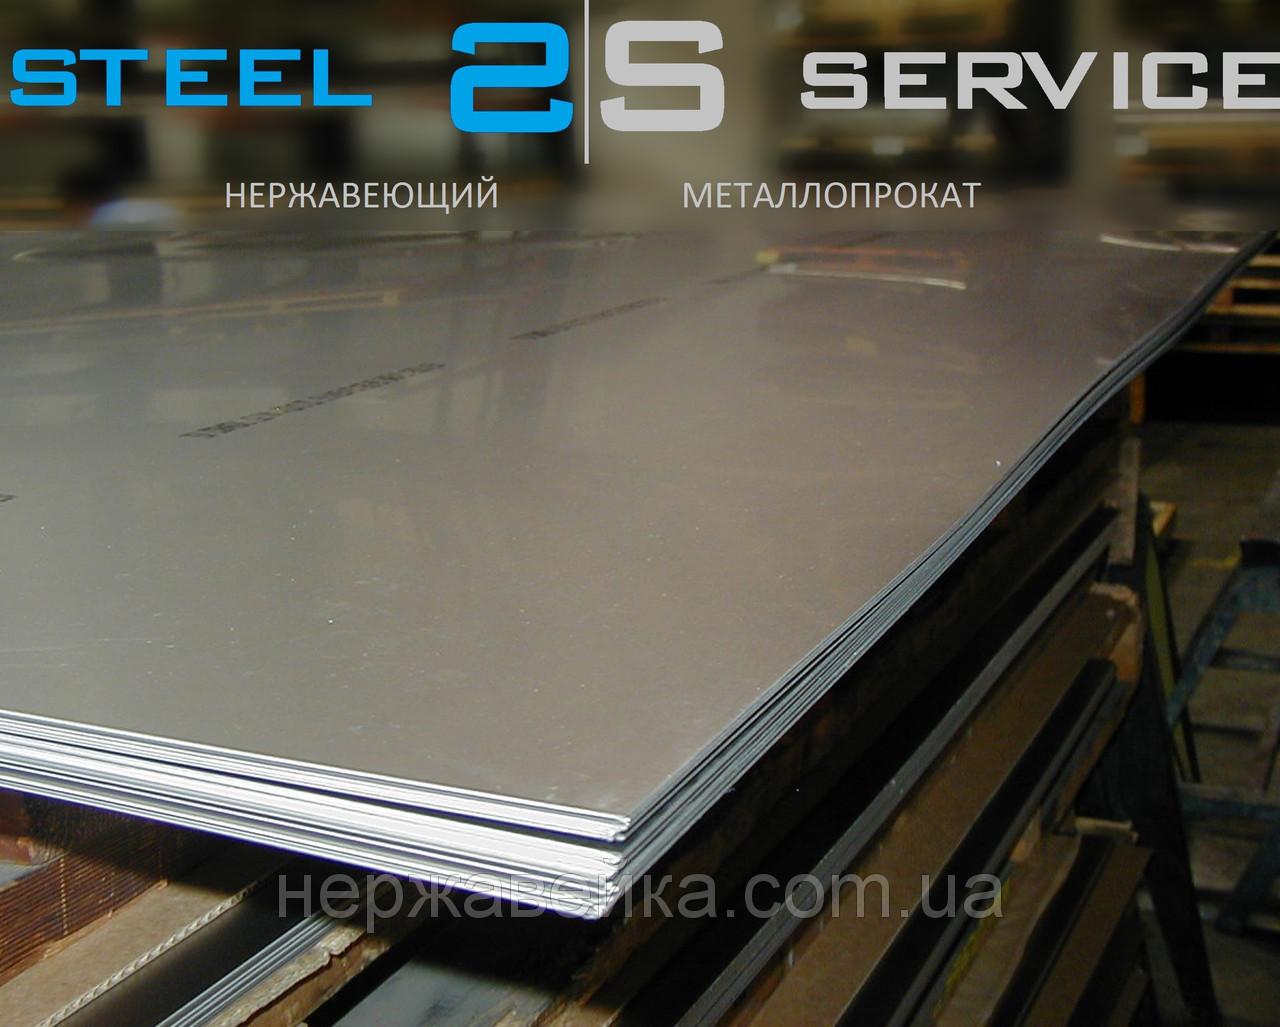 Нержавеющий лист 1,5х1250х2500мм  AISI 304(08Х18Н10) BA - зеркало,  пищевой